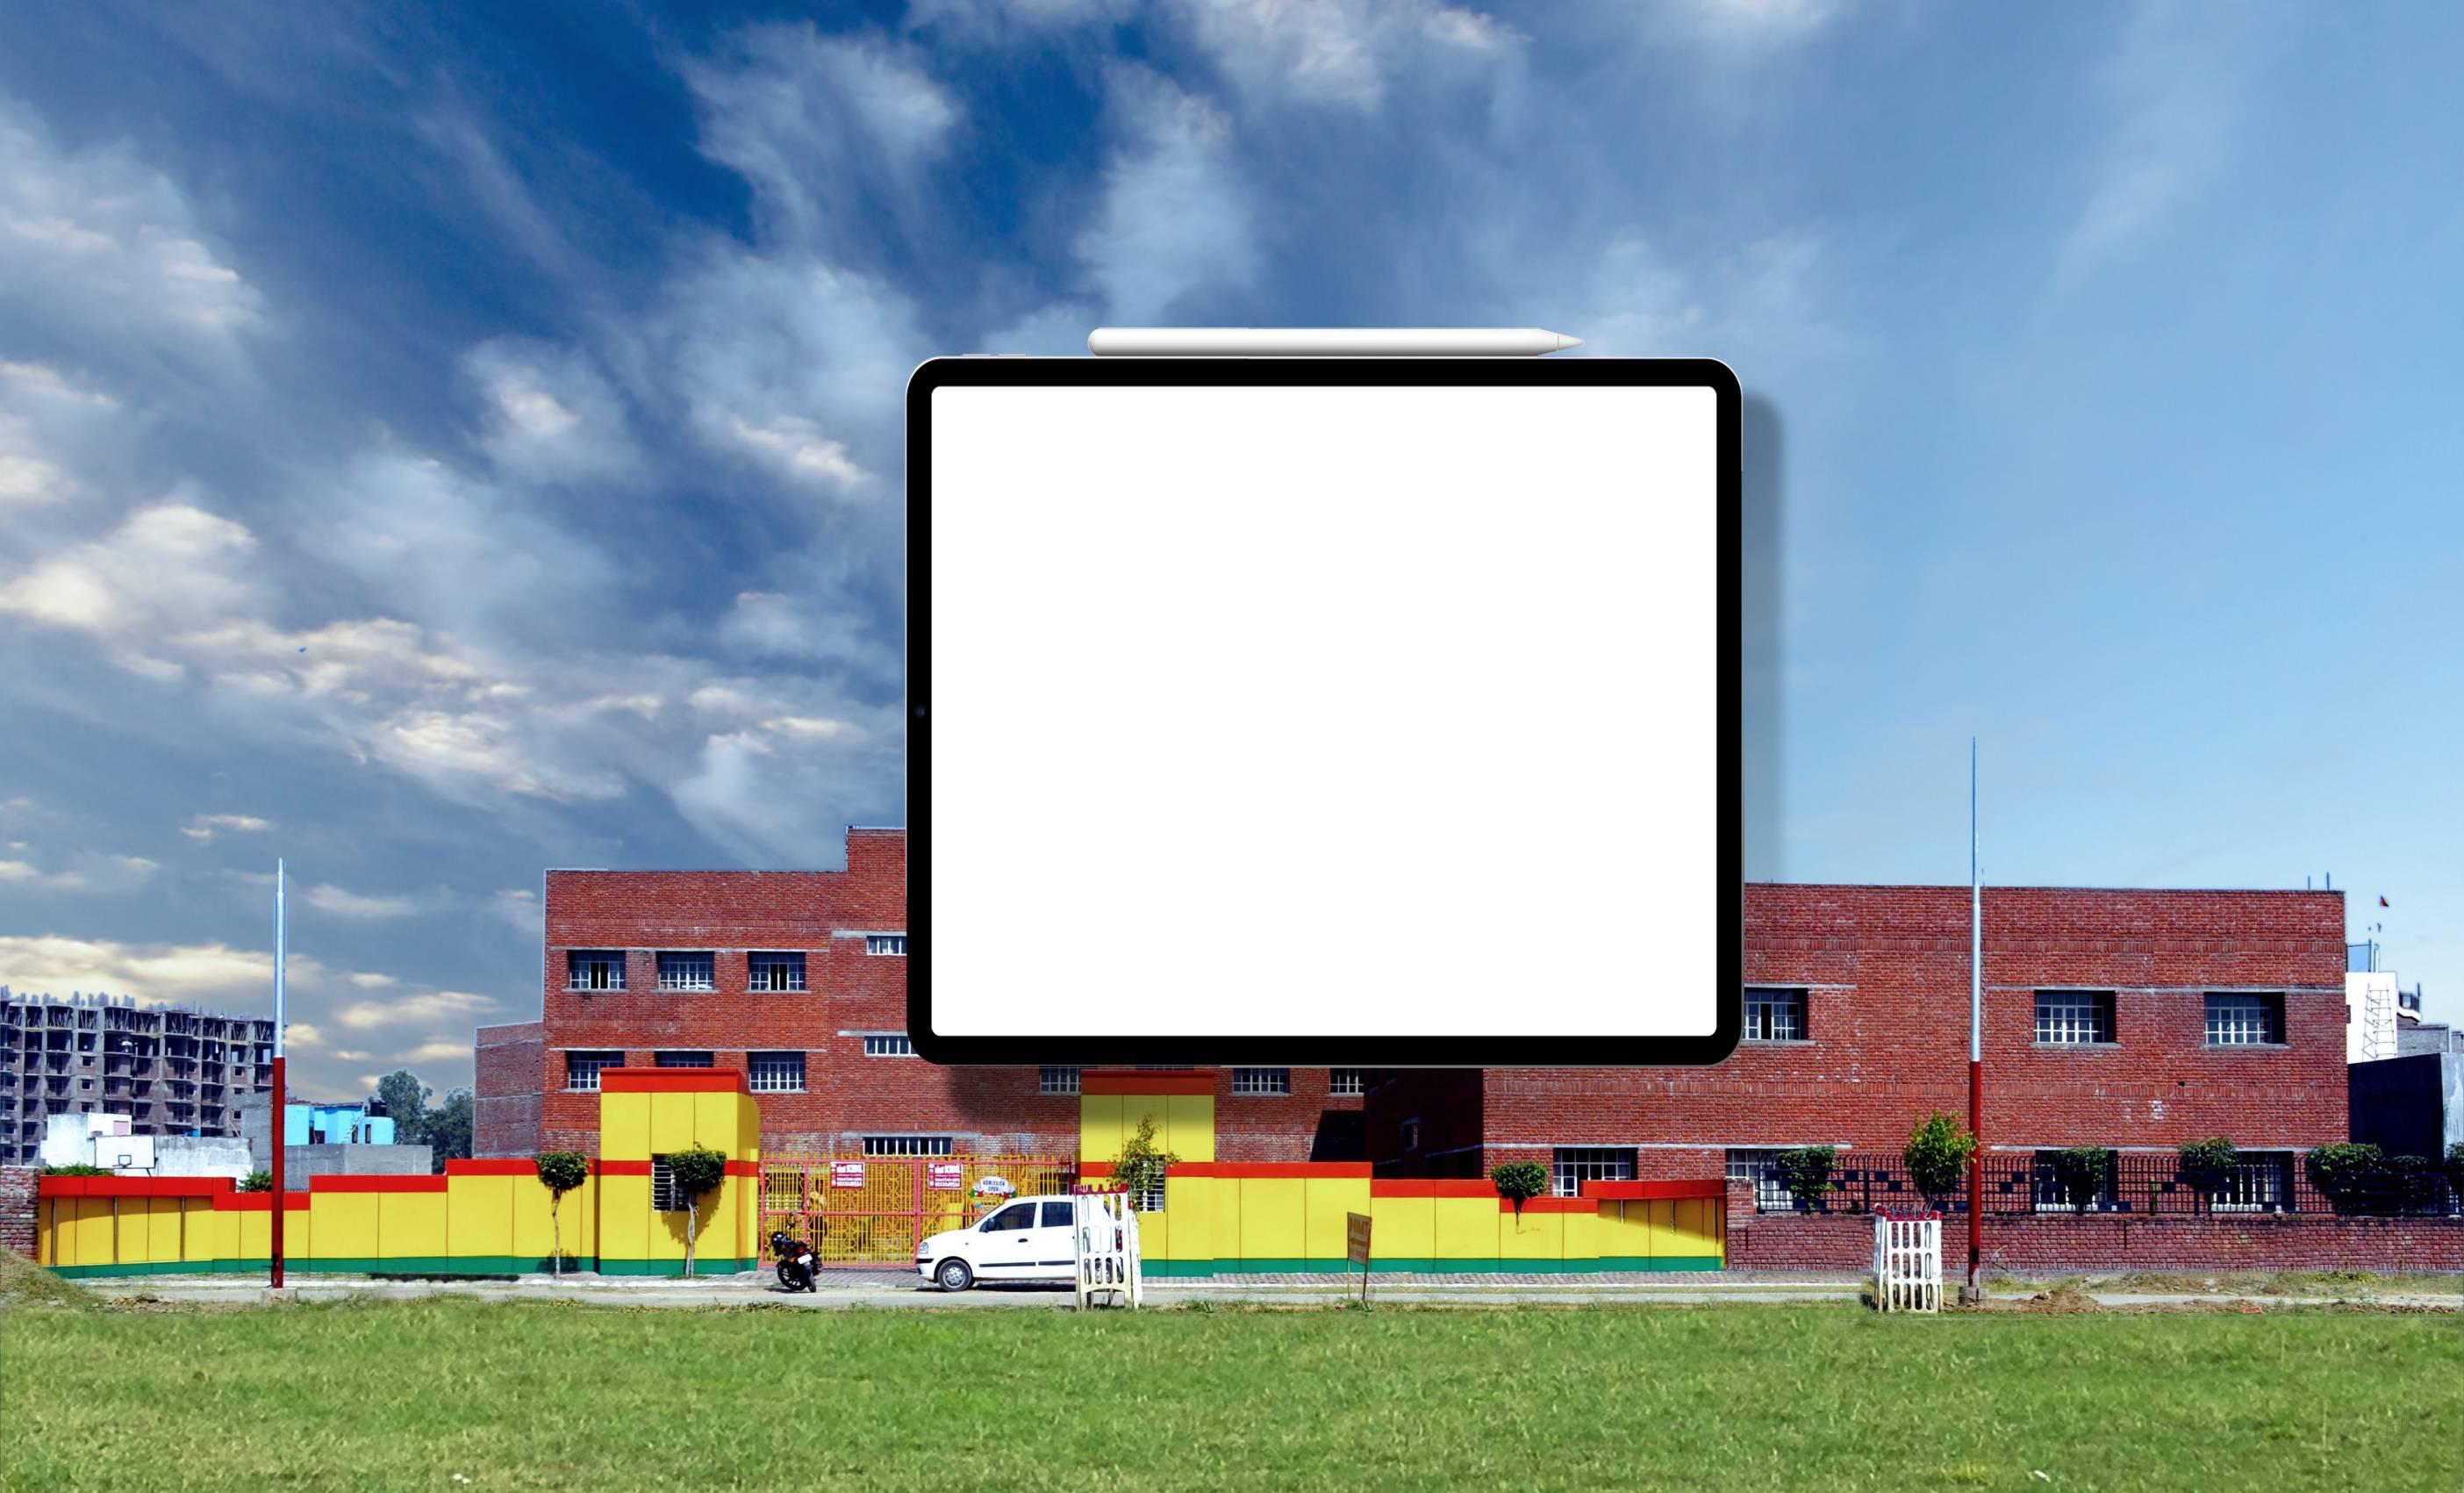 hero background - nimt school